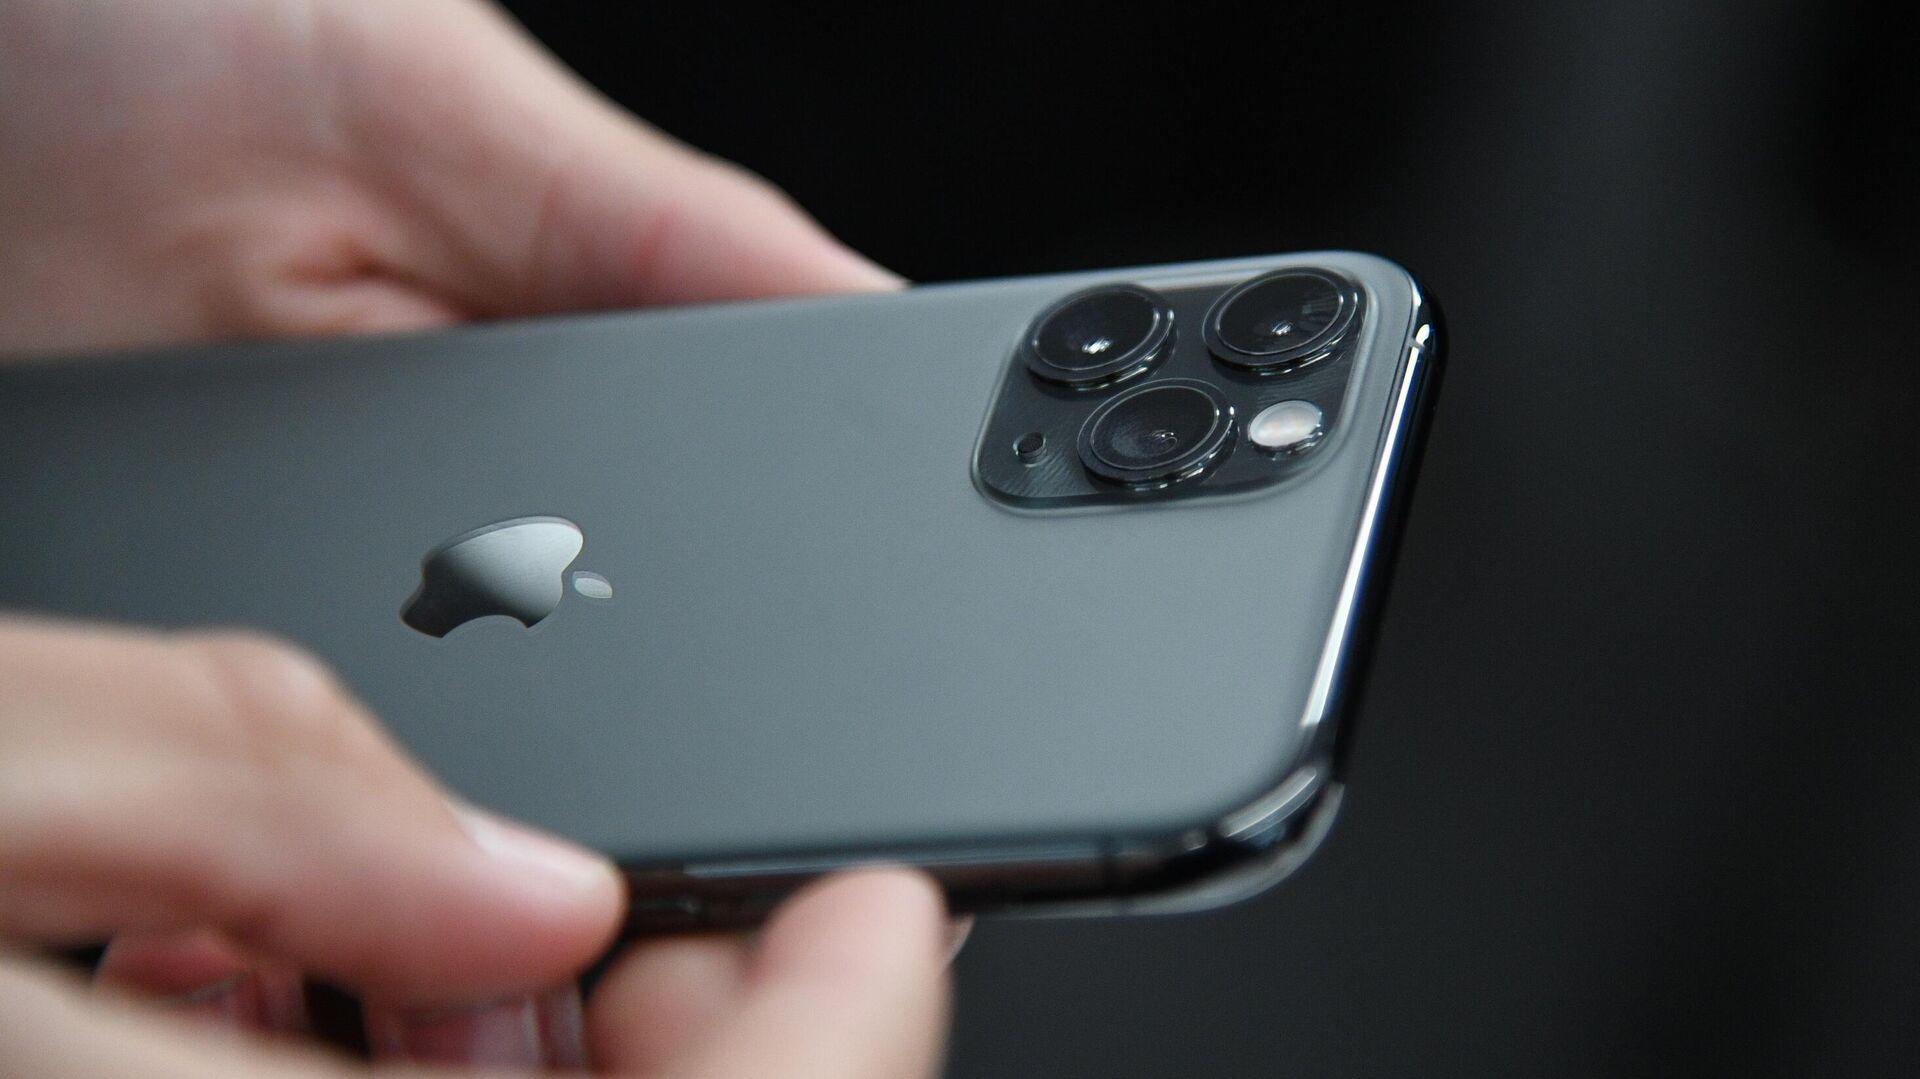 1558878540 0:201:2930:1849 1920x0 80 0 0 9c9f86631b60cbad3af3f928978c9232 - Apple официально объявила, когда покажет iPhone 12